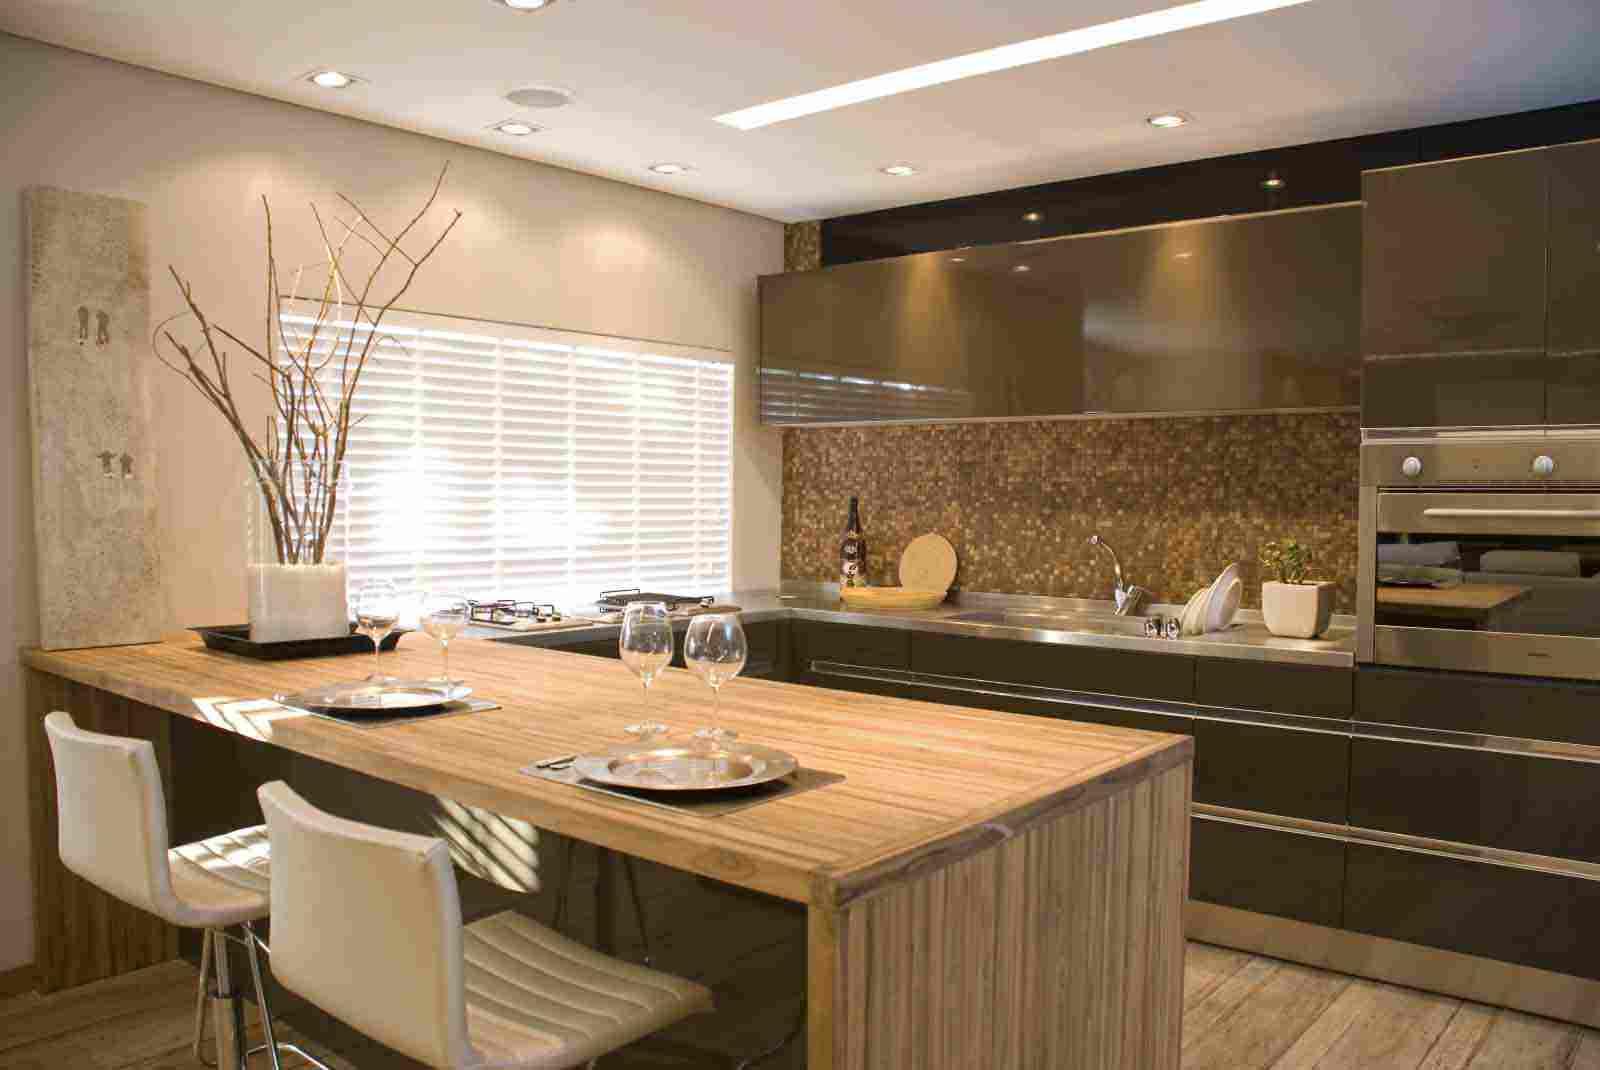 Cozinhas modernas fotos e modelos sempre tops holidays oo - Fotos modernas ...